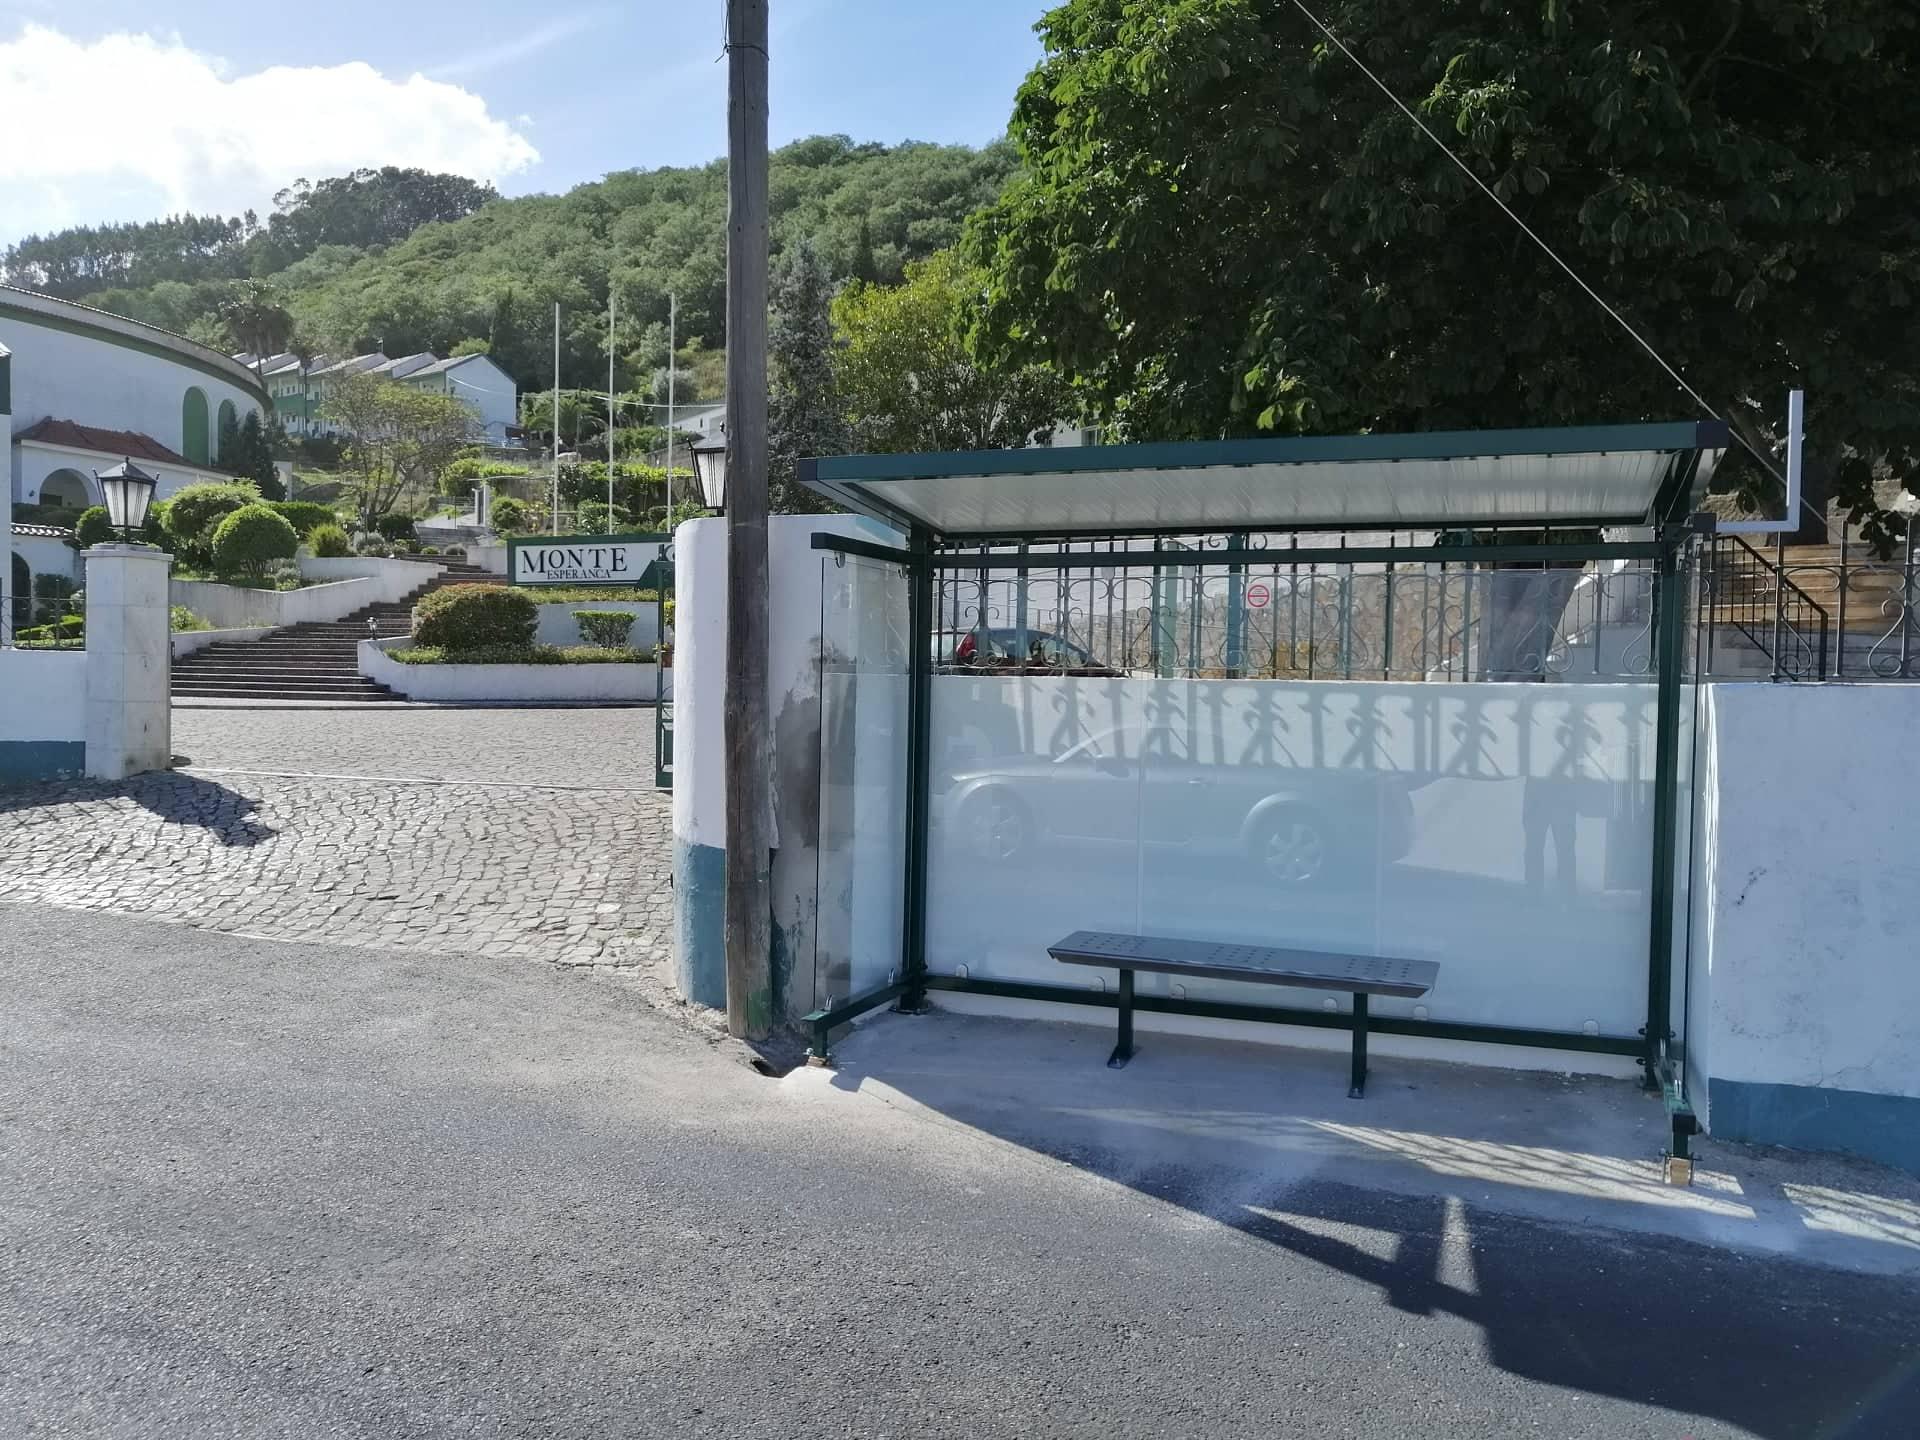 FANHÕES – Nova Paragem Rua Alfredo Caldeira -Monte Esperança. A partir de hoje todas as Paragens da Freguesia estão Renovadas!